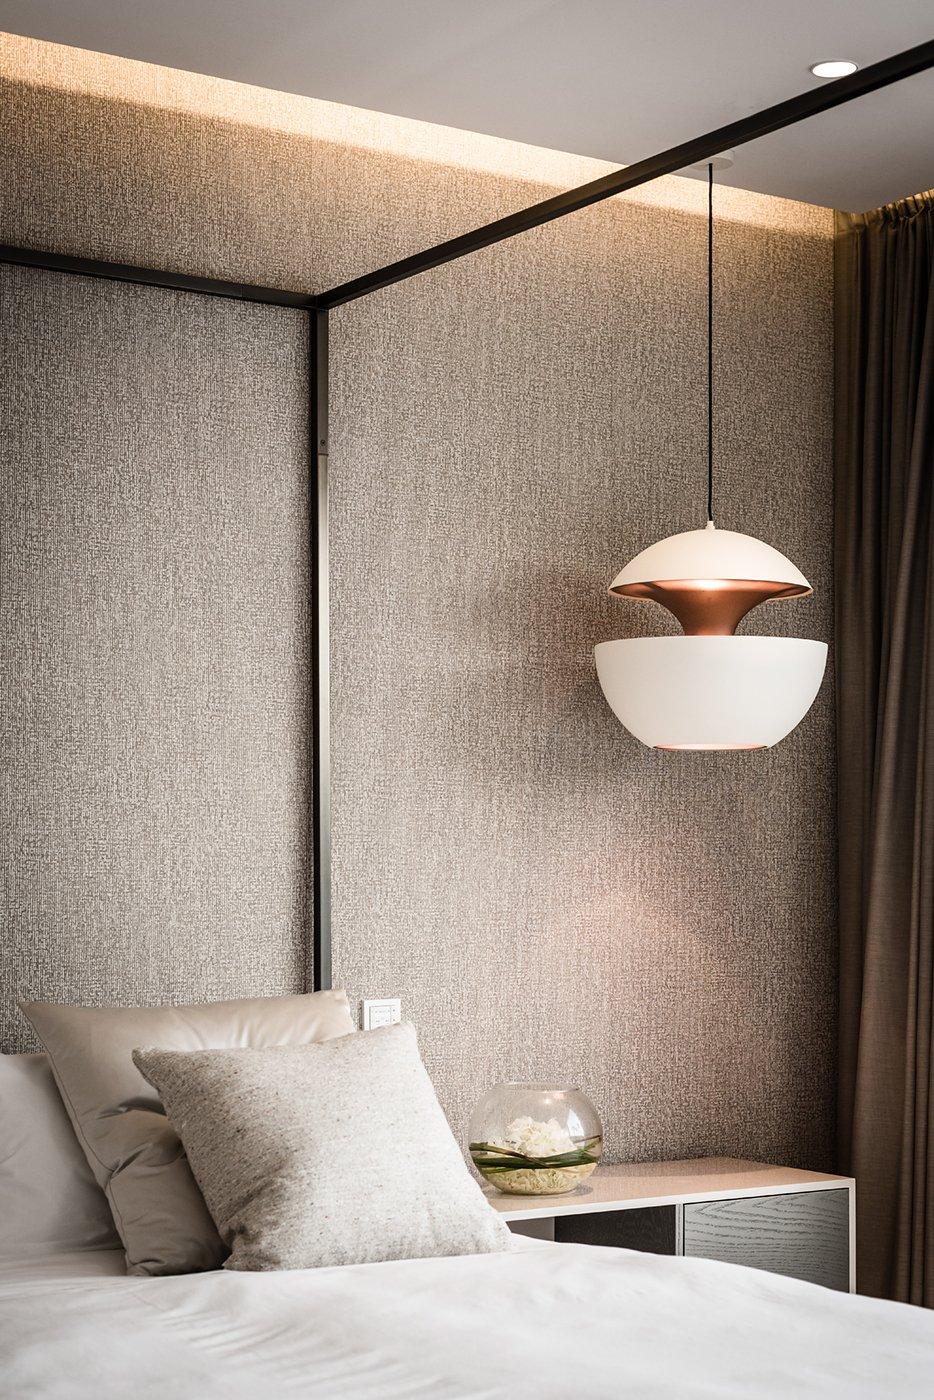 la-perla-blanca-ambience-home-design-58